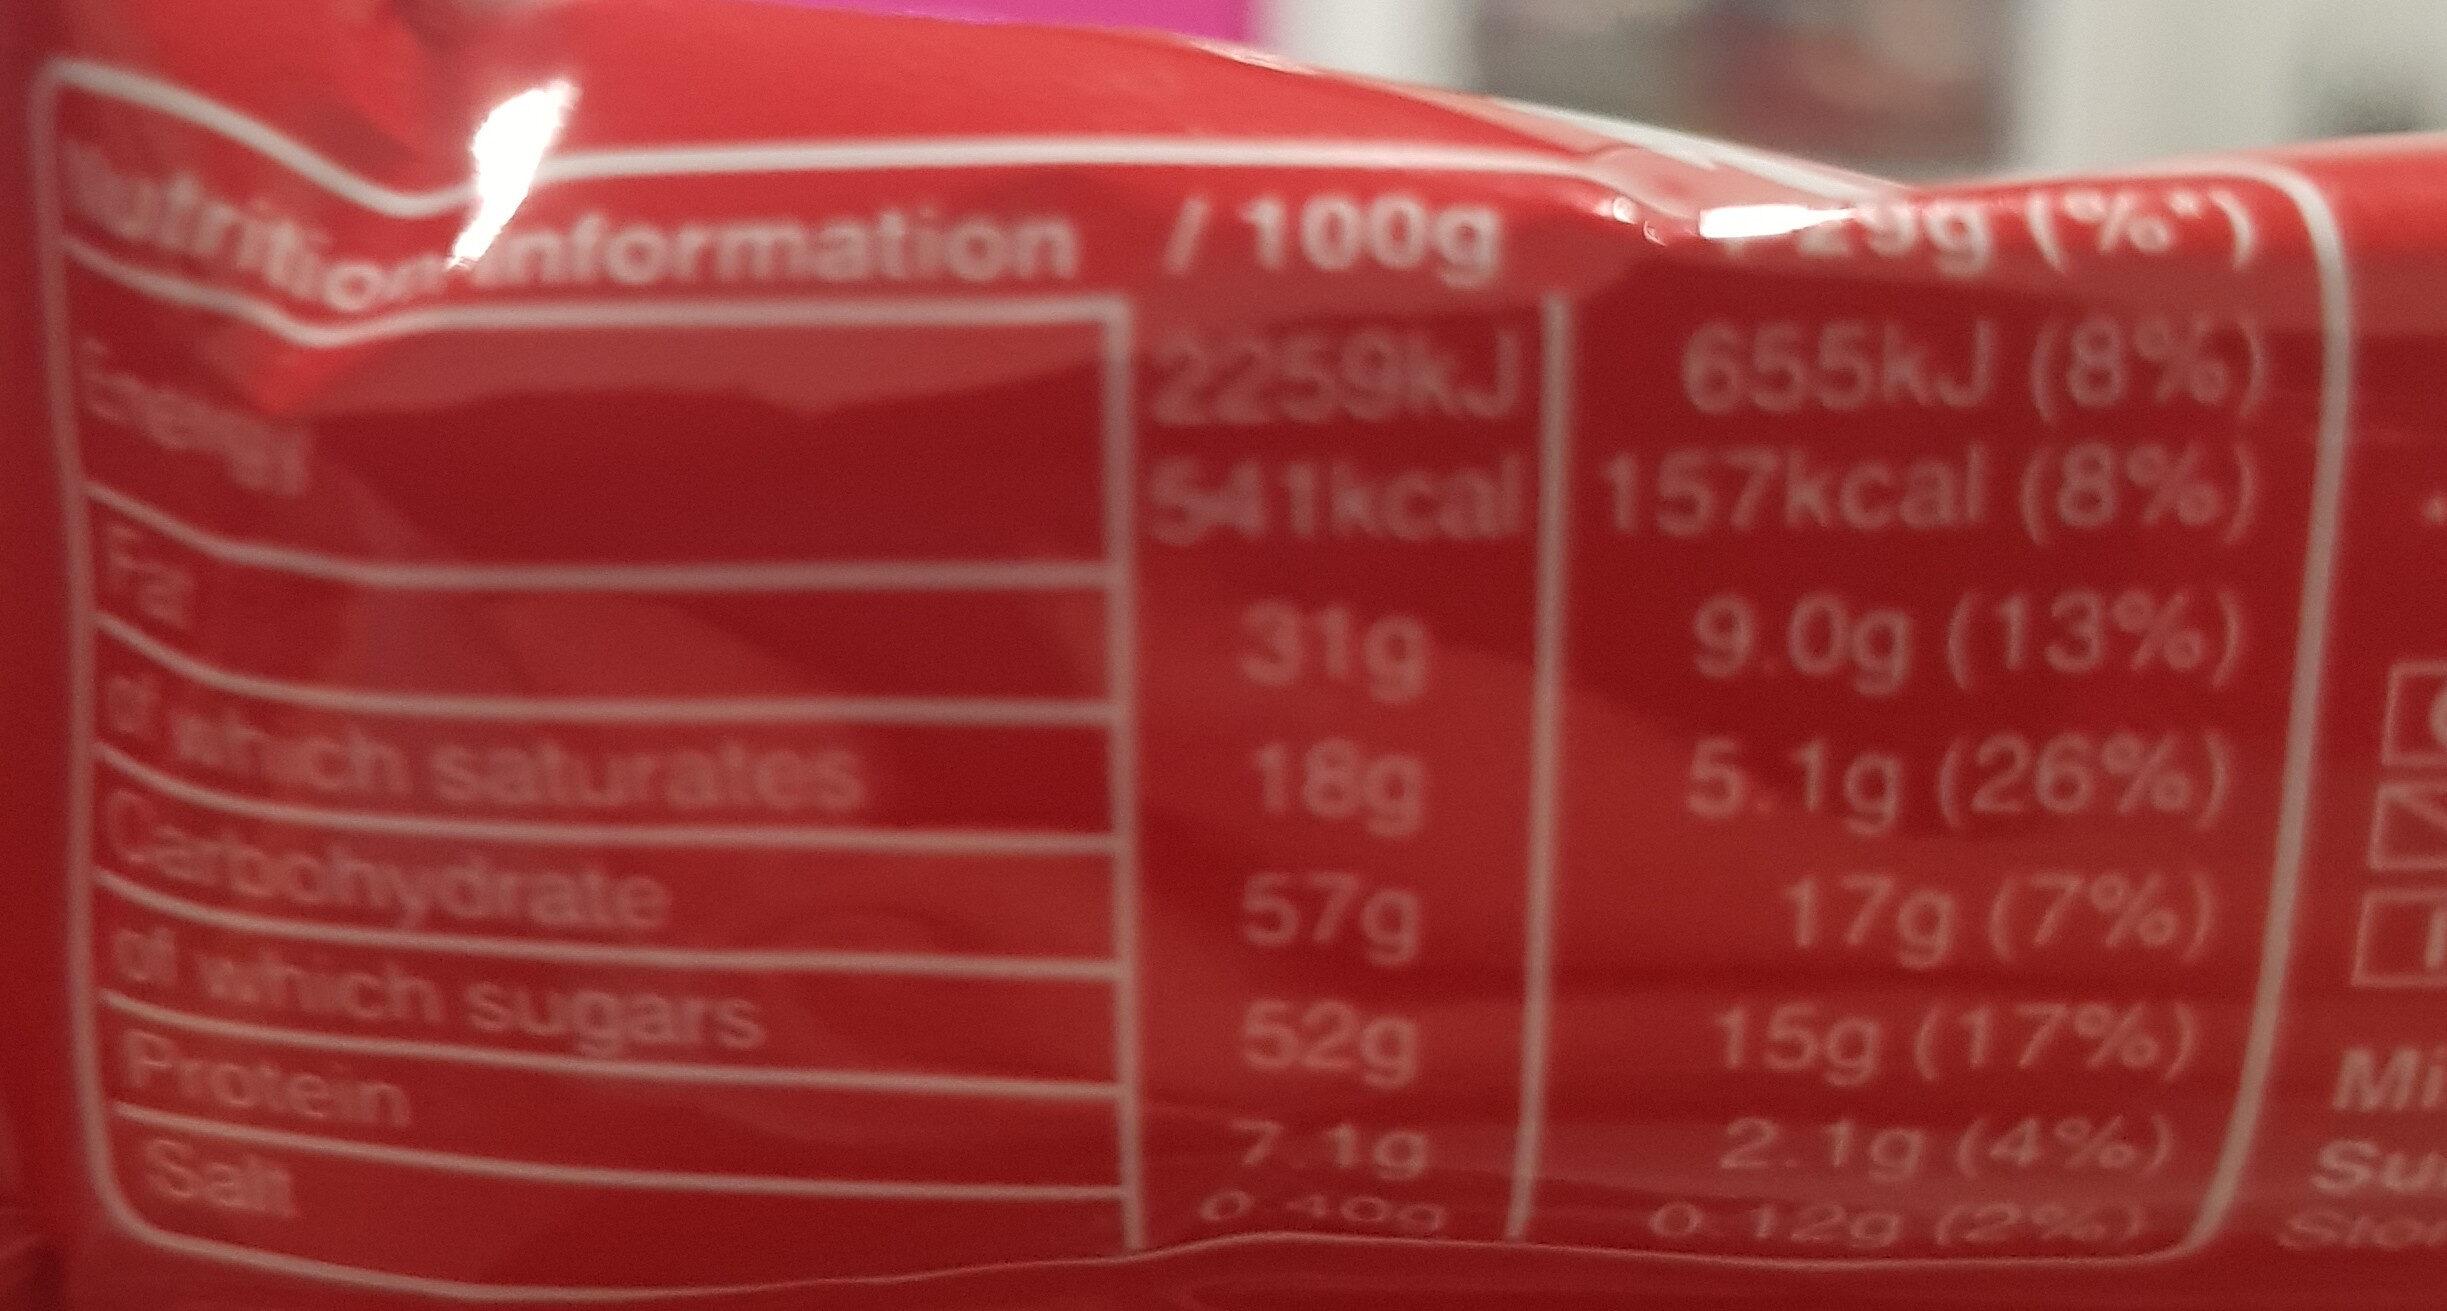 MALTESERS REINDEER - Nutrition facts - en